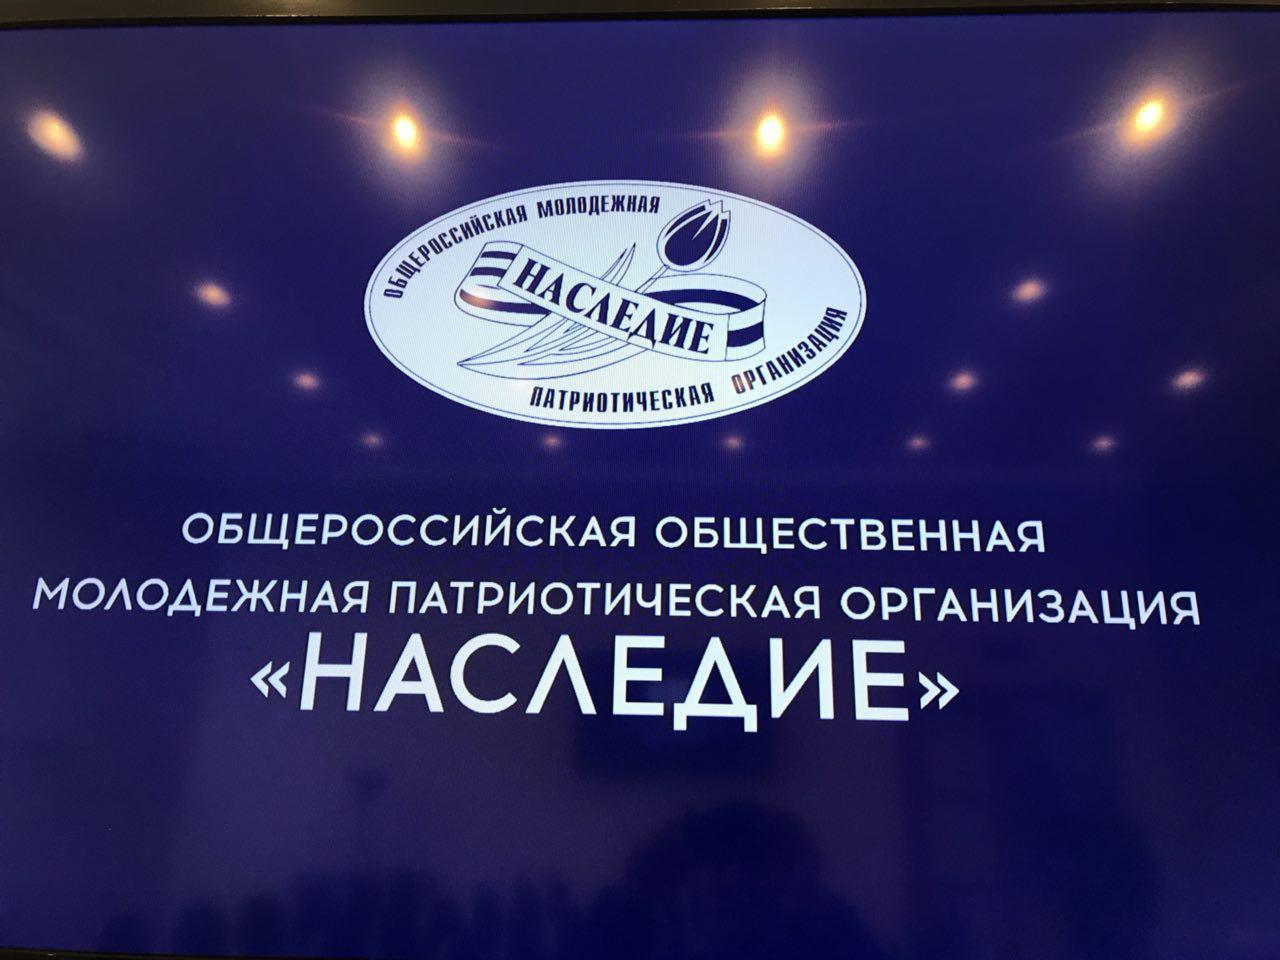 Организация «Наследие» проведет инвентаризацию Красной книги Тверской области